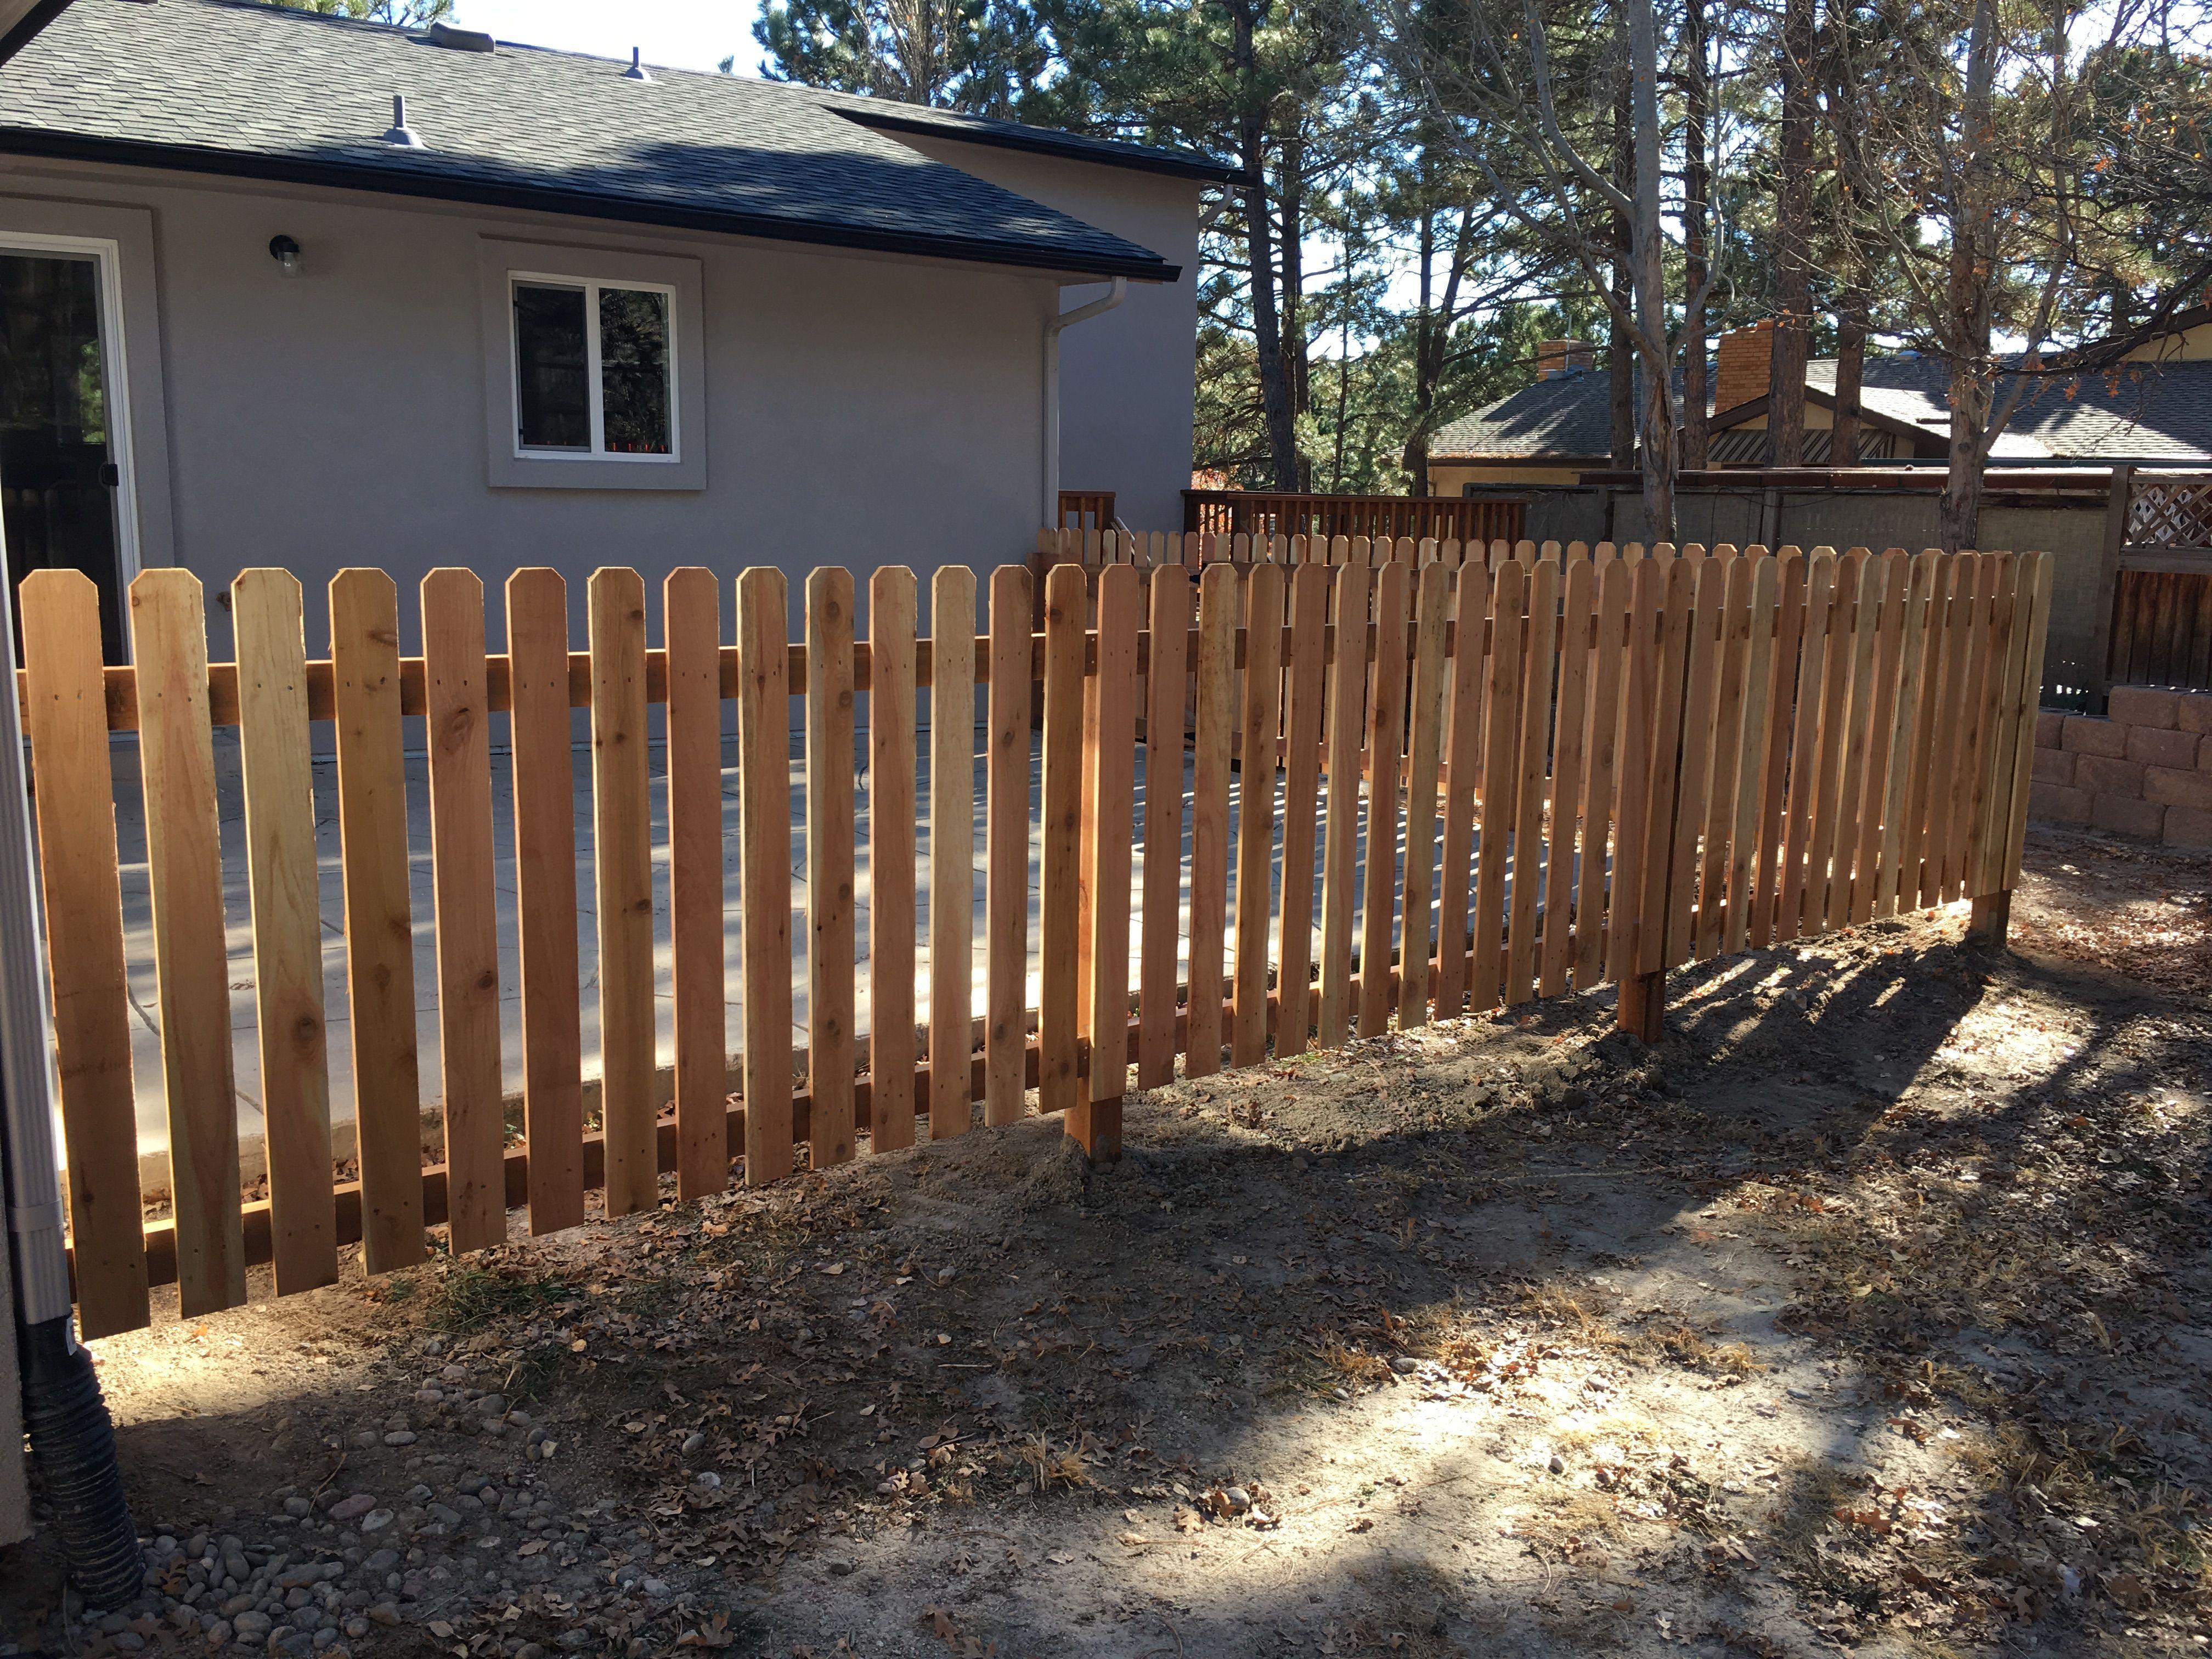 4 Spaced Cedar Picket Fence Using 4x4 Cedar Posts 2x4 Cedar